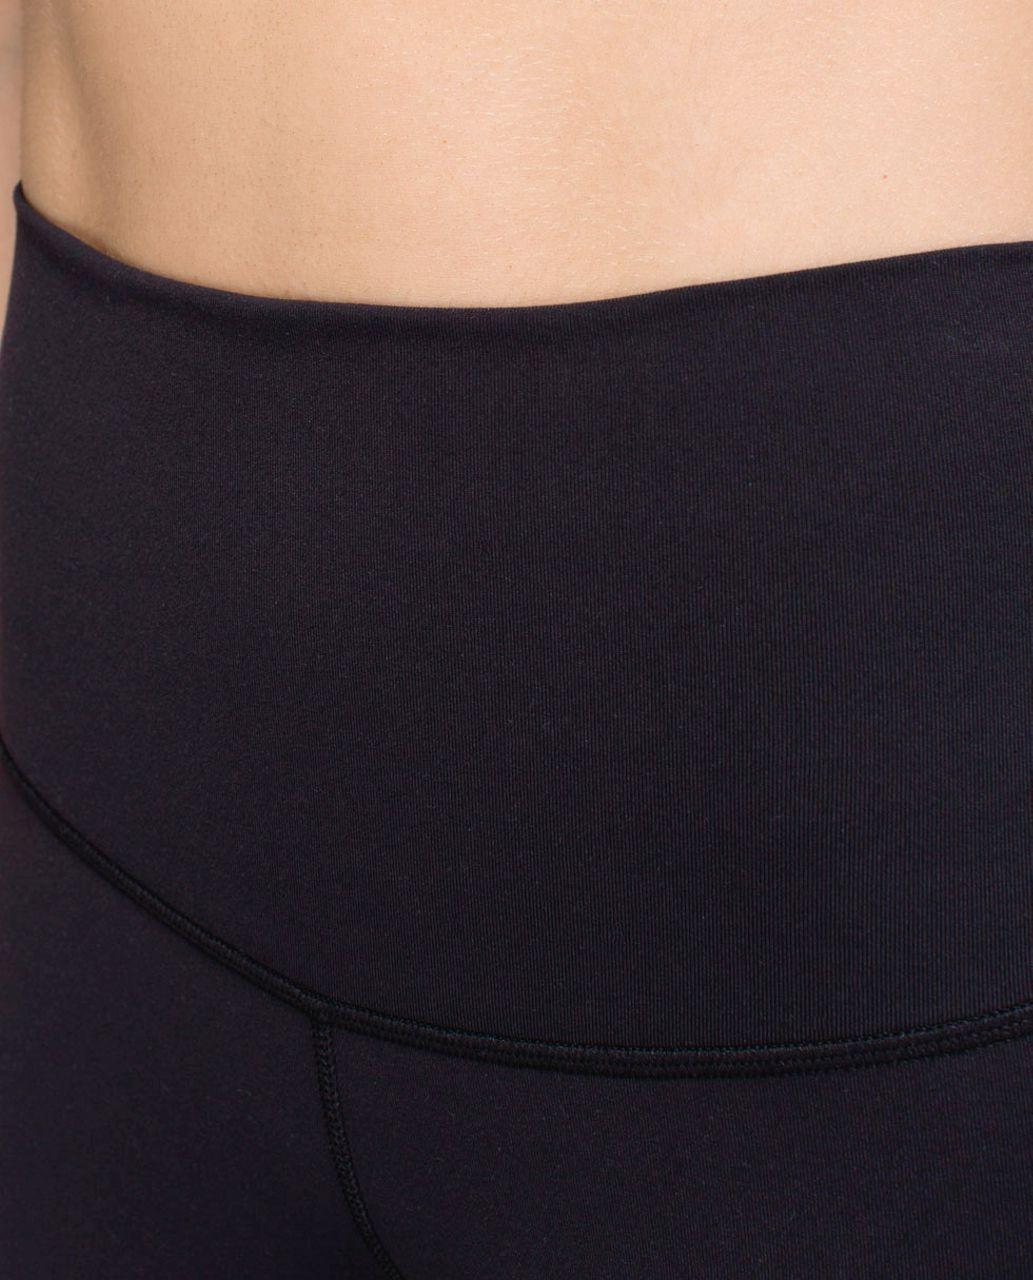 Lululemon Wunder Under Pant *Full-On Luon (Roll Down) - Black